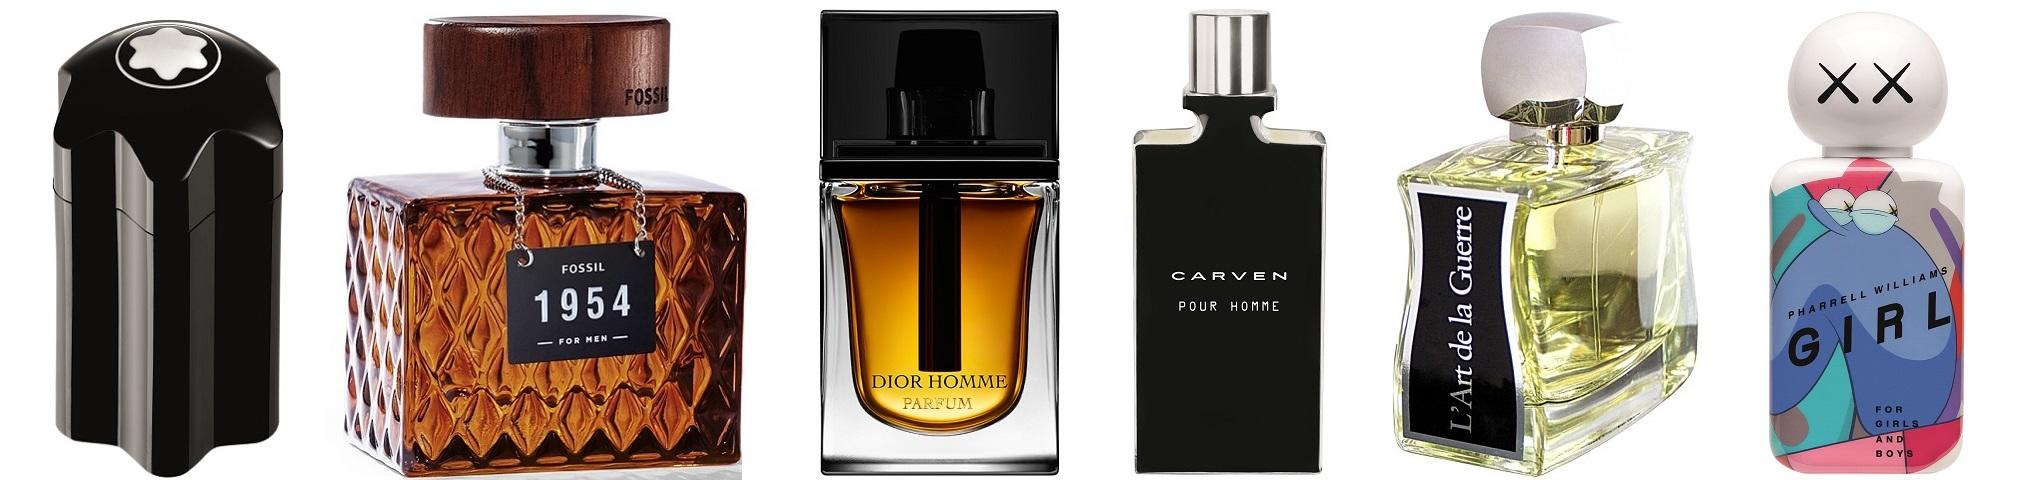 12 nouveaux parfums pour homme parfumista. Black Bedroom Furniture Sets. Home Design Ideas